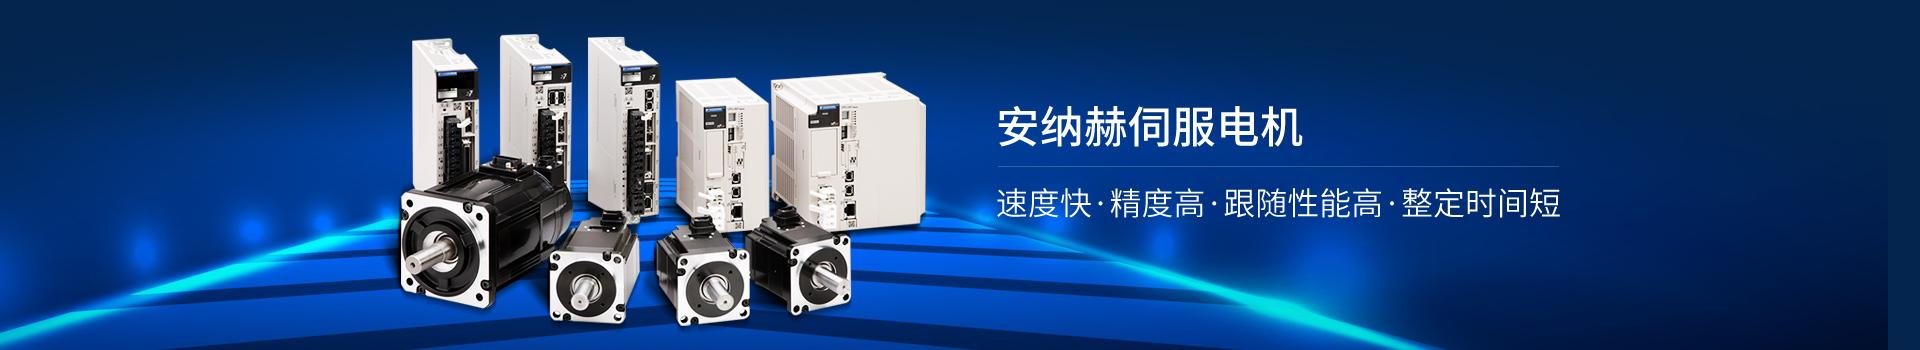 安纳赫伺服电机——速度快,精度高,跟随性能高,整定时间短